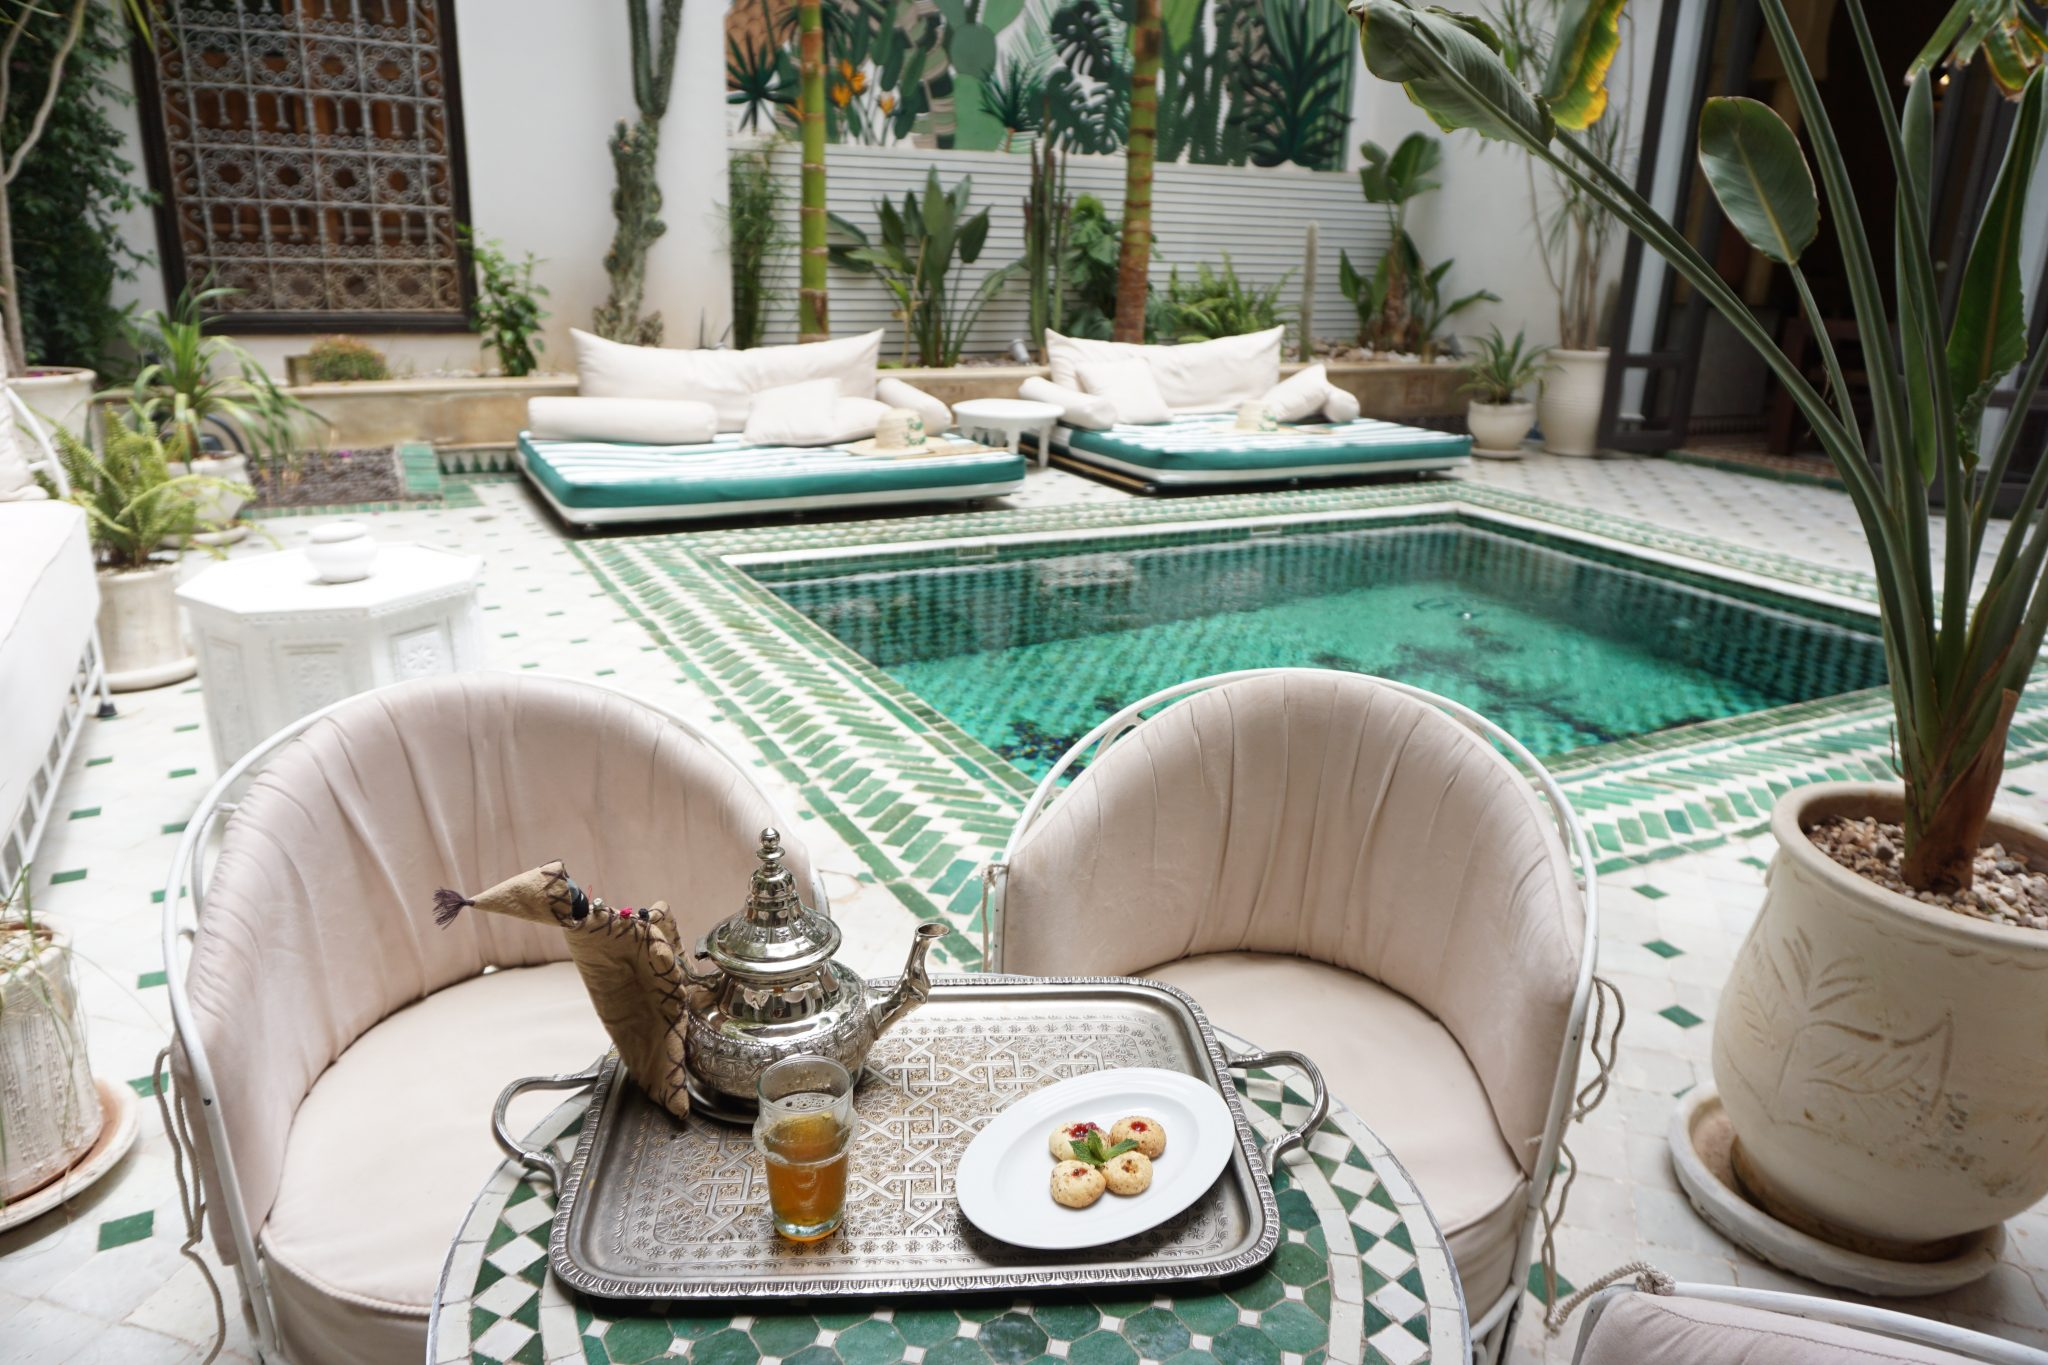 riad yasmine, marrakech, morocco, pool